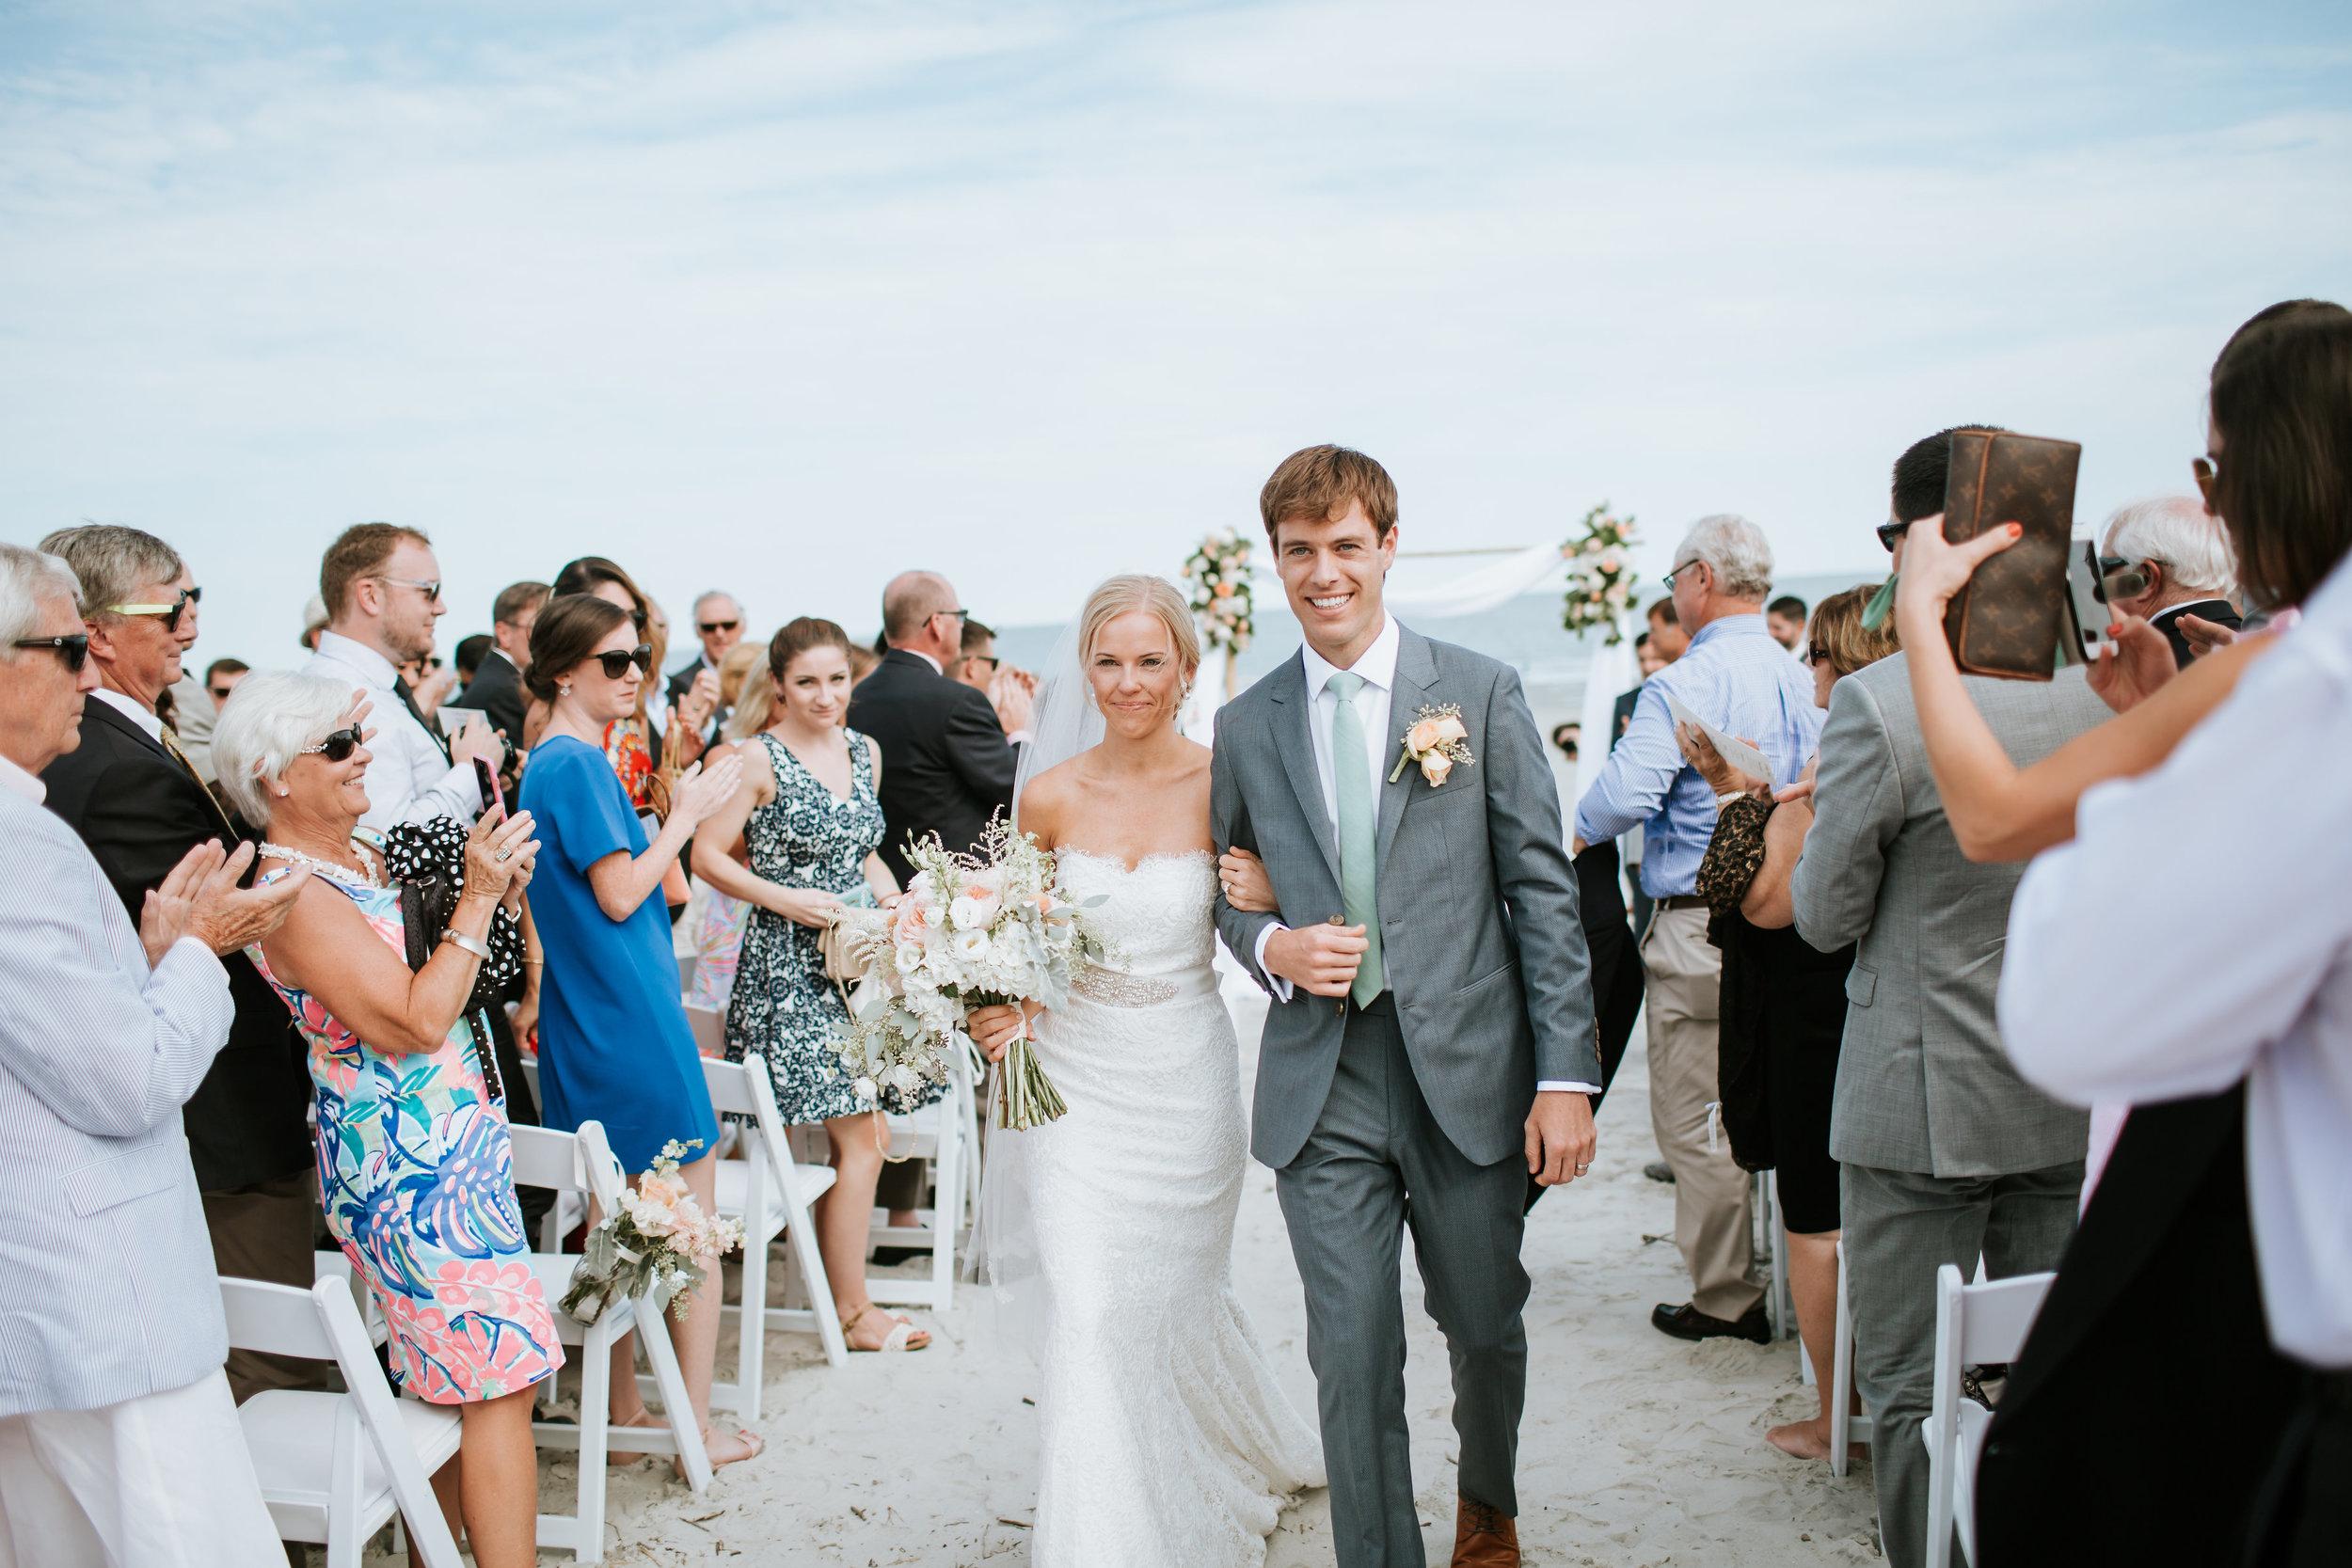 omni-hilton-head-wedding-42.jpg